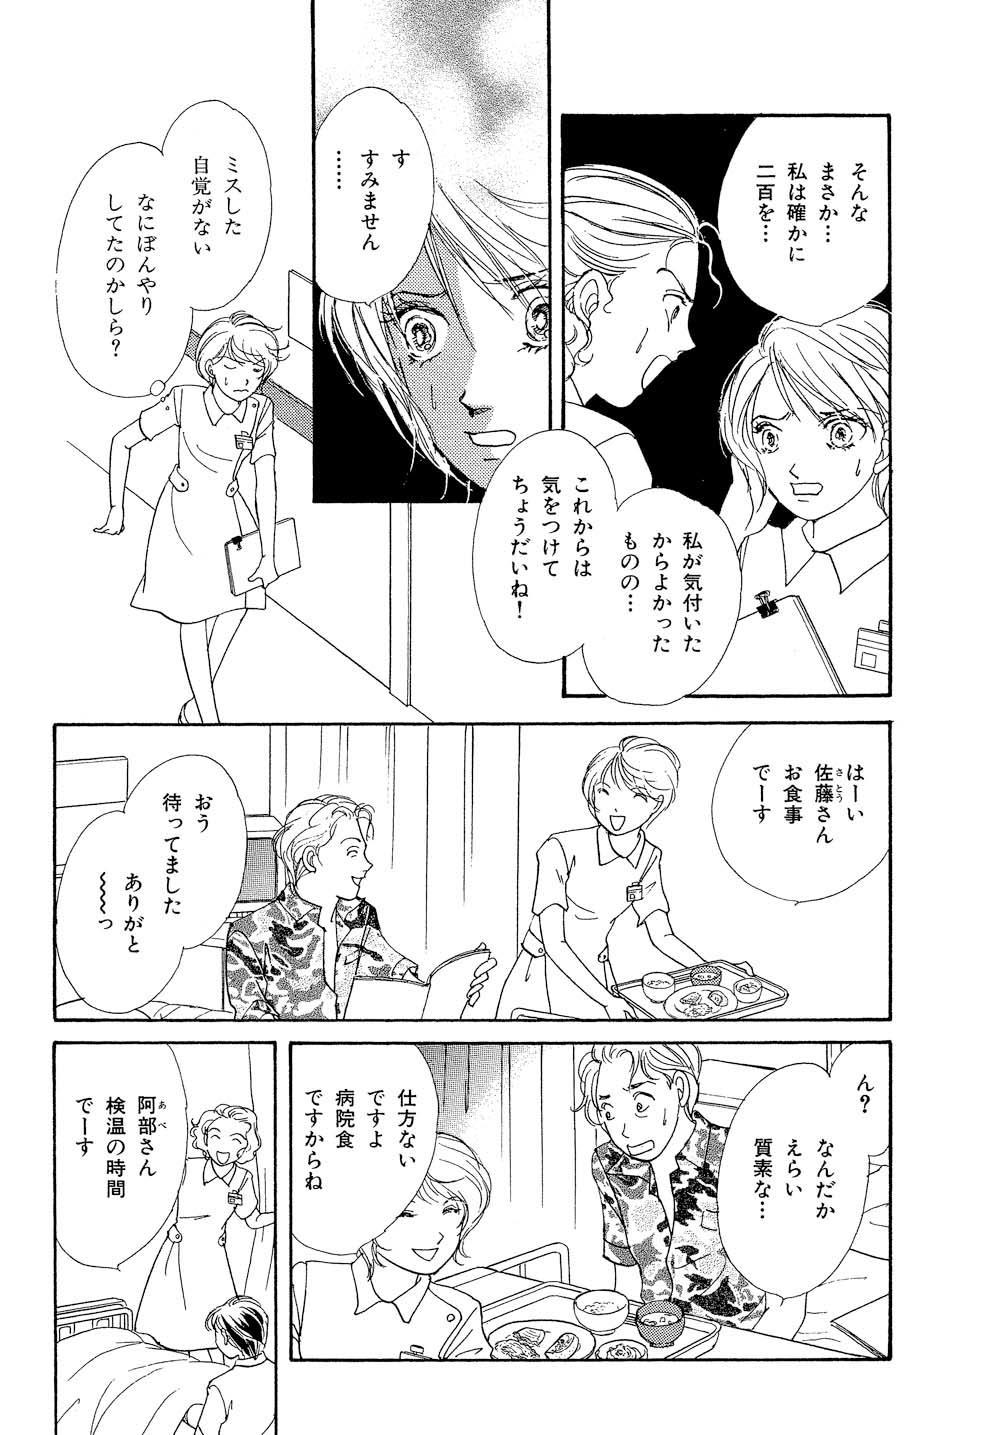 hakui_0001_0149.jpg